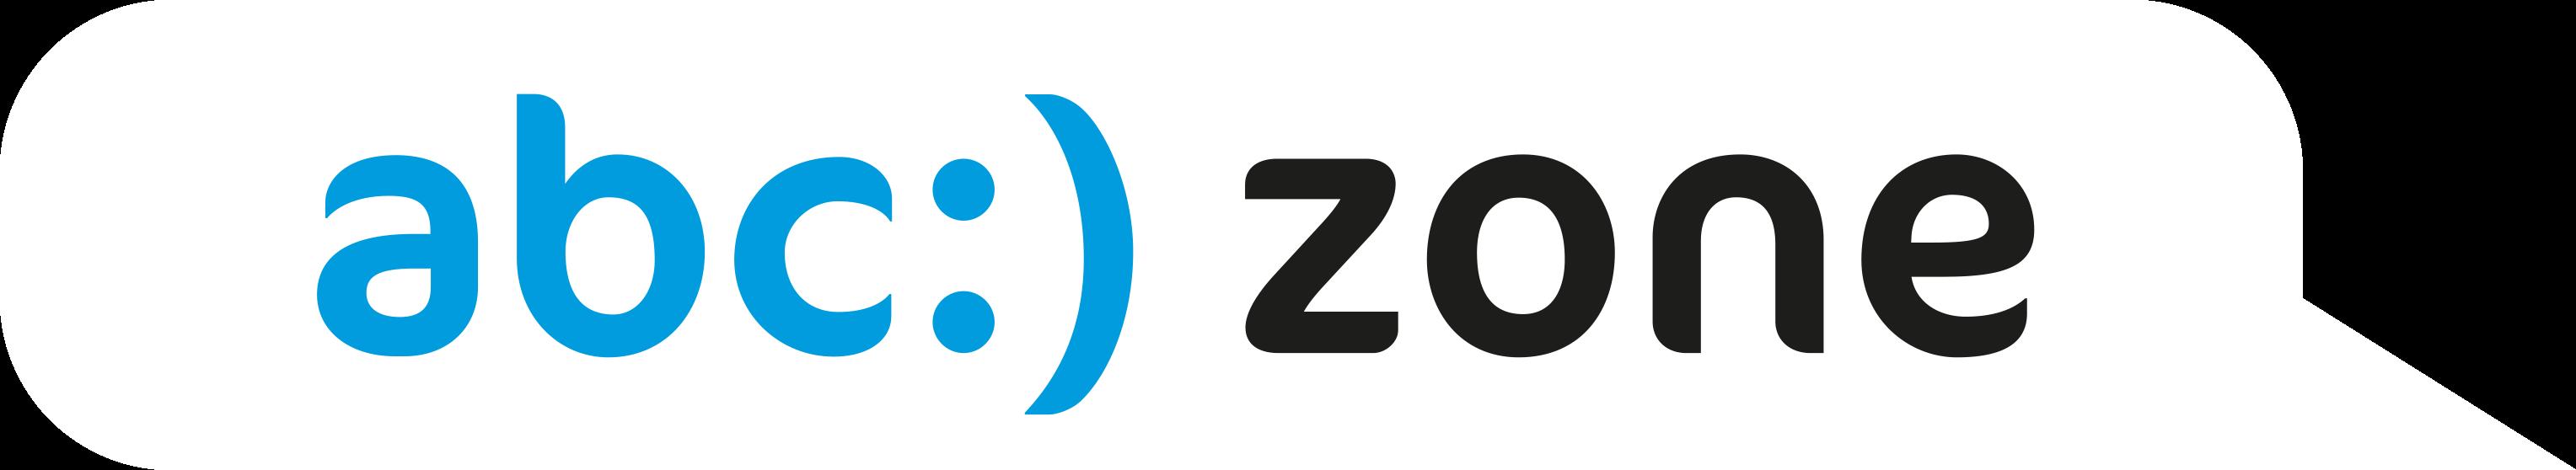 abc-zone